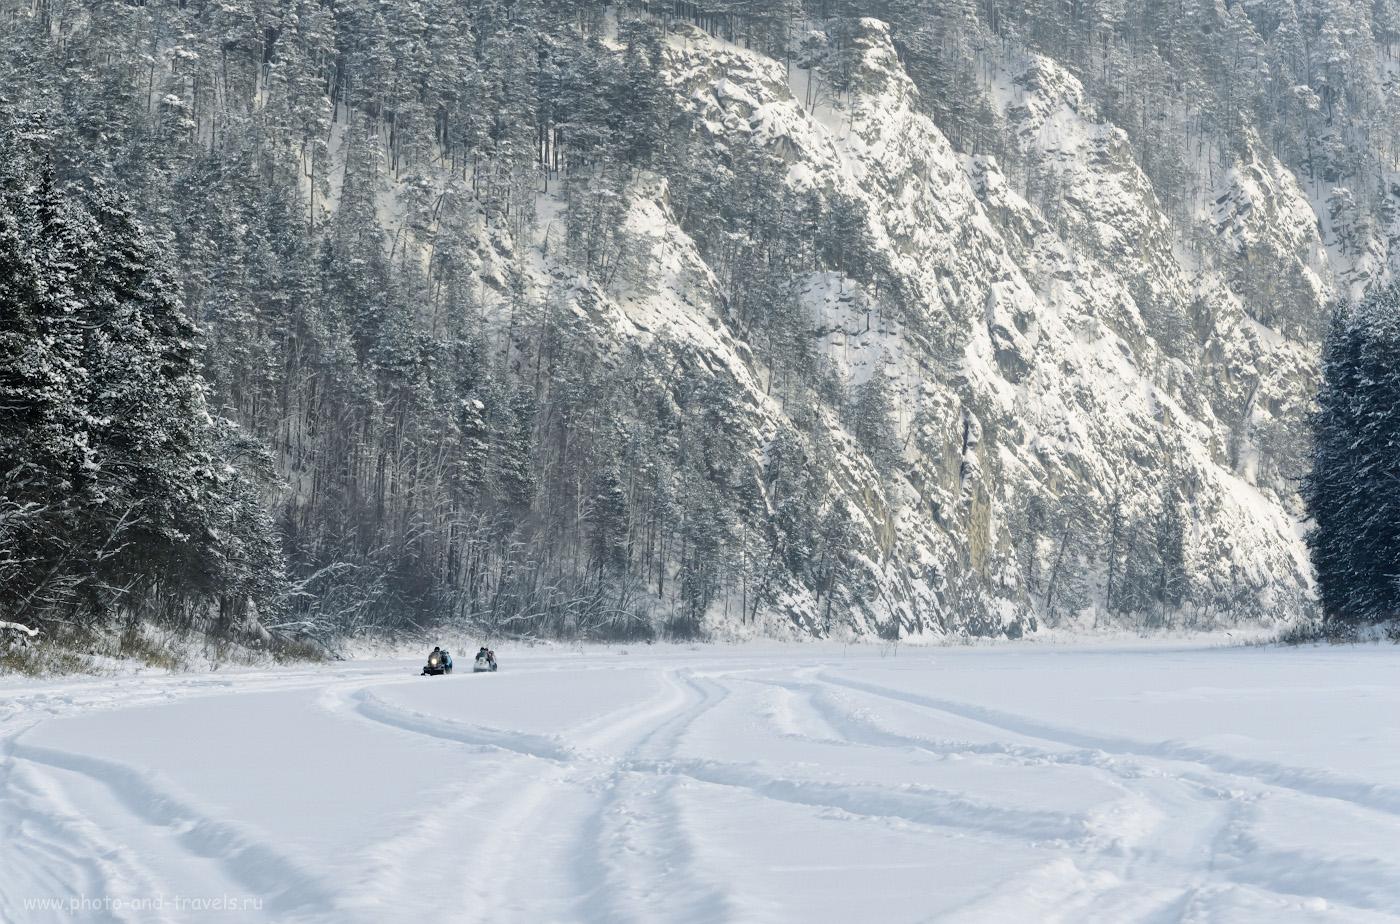 Фото 13. Камень Великан. В зимнее время к нему можно доехать на снегоходах. 1/400, 10.0, 640, +0.33, 175.